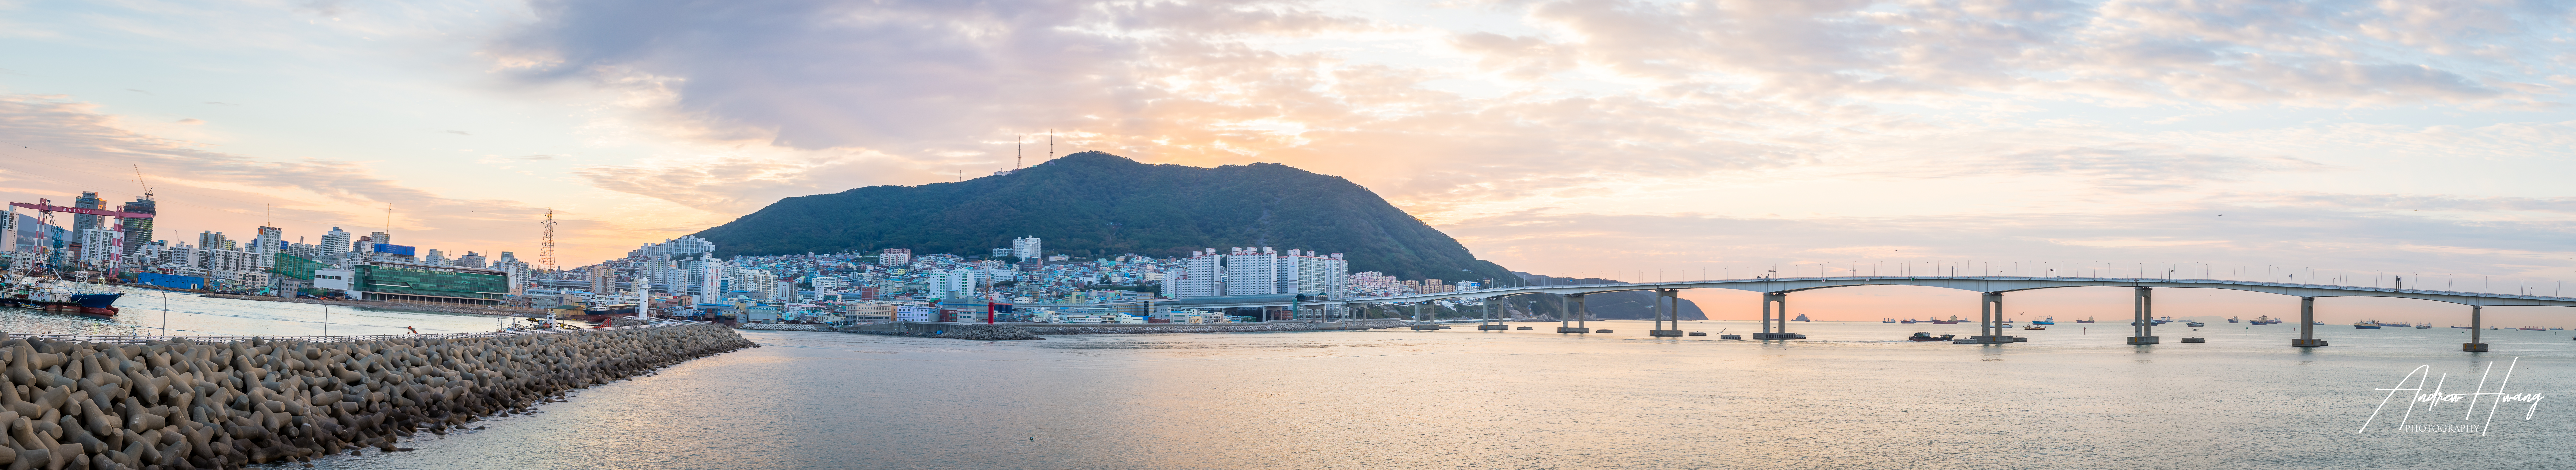 Busan Beach Sunrise